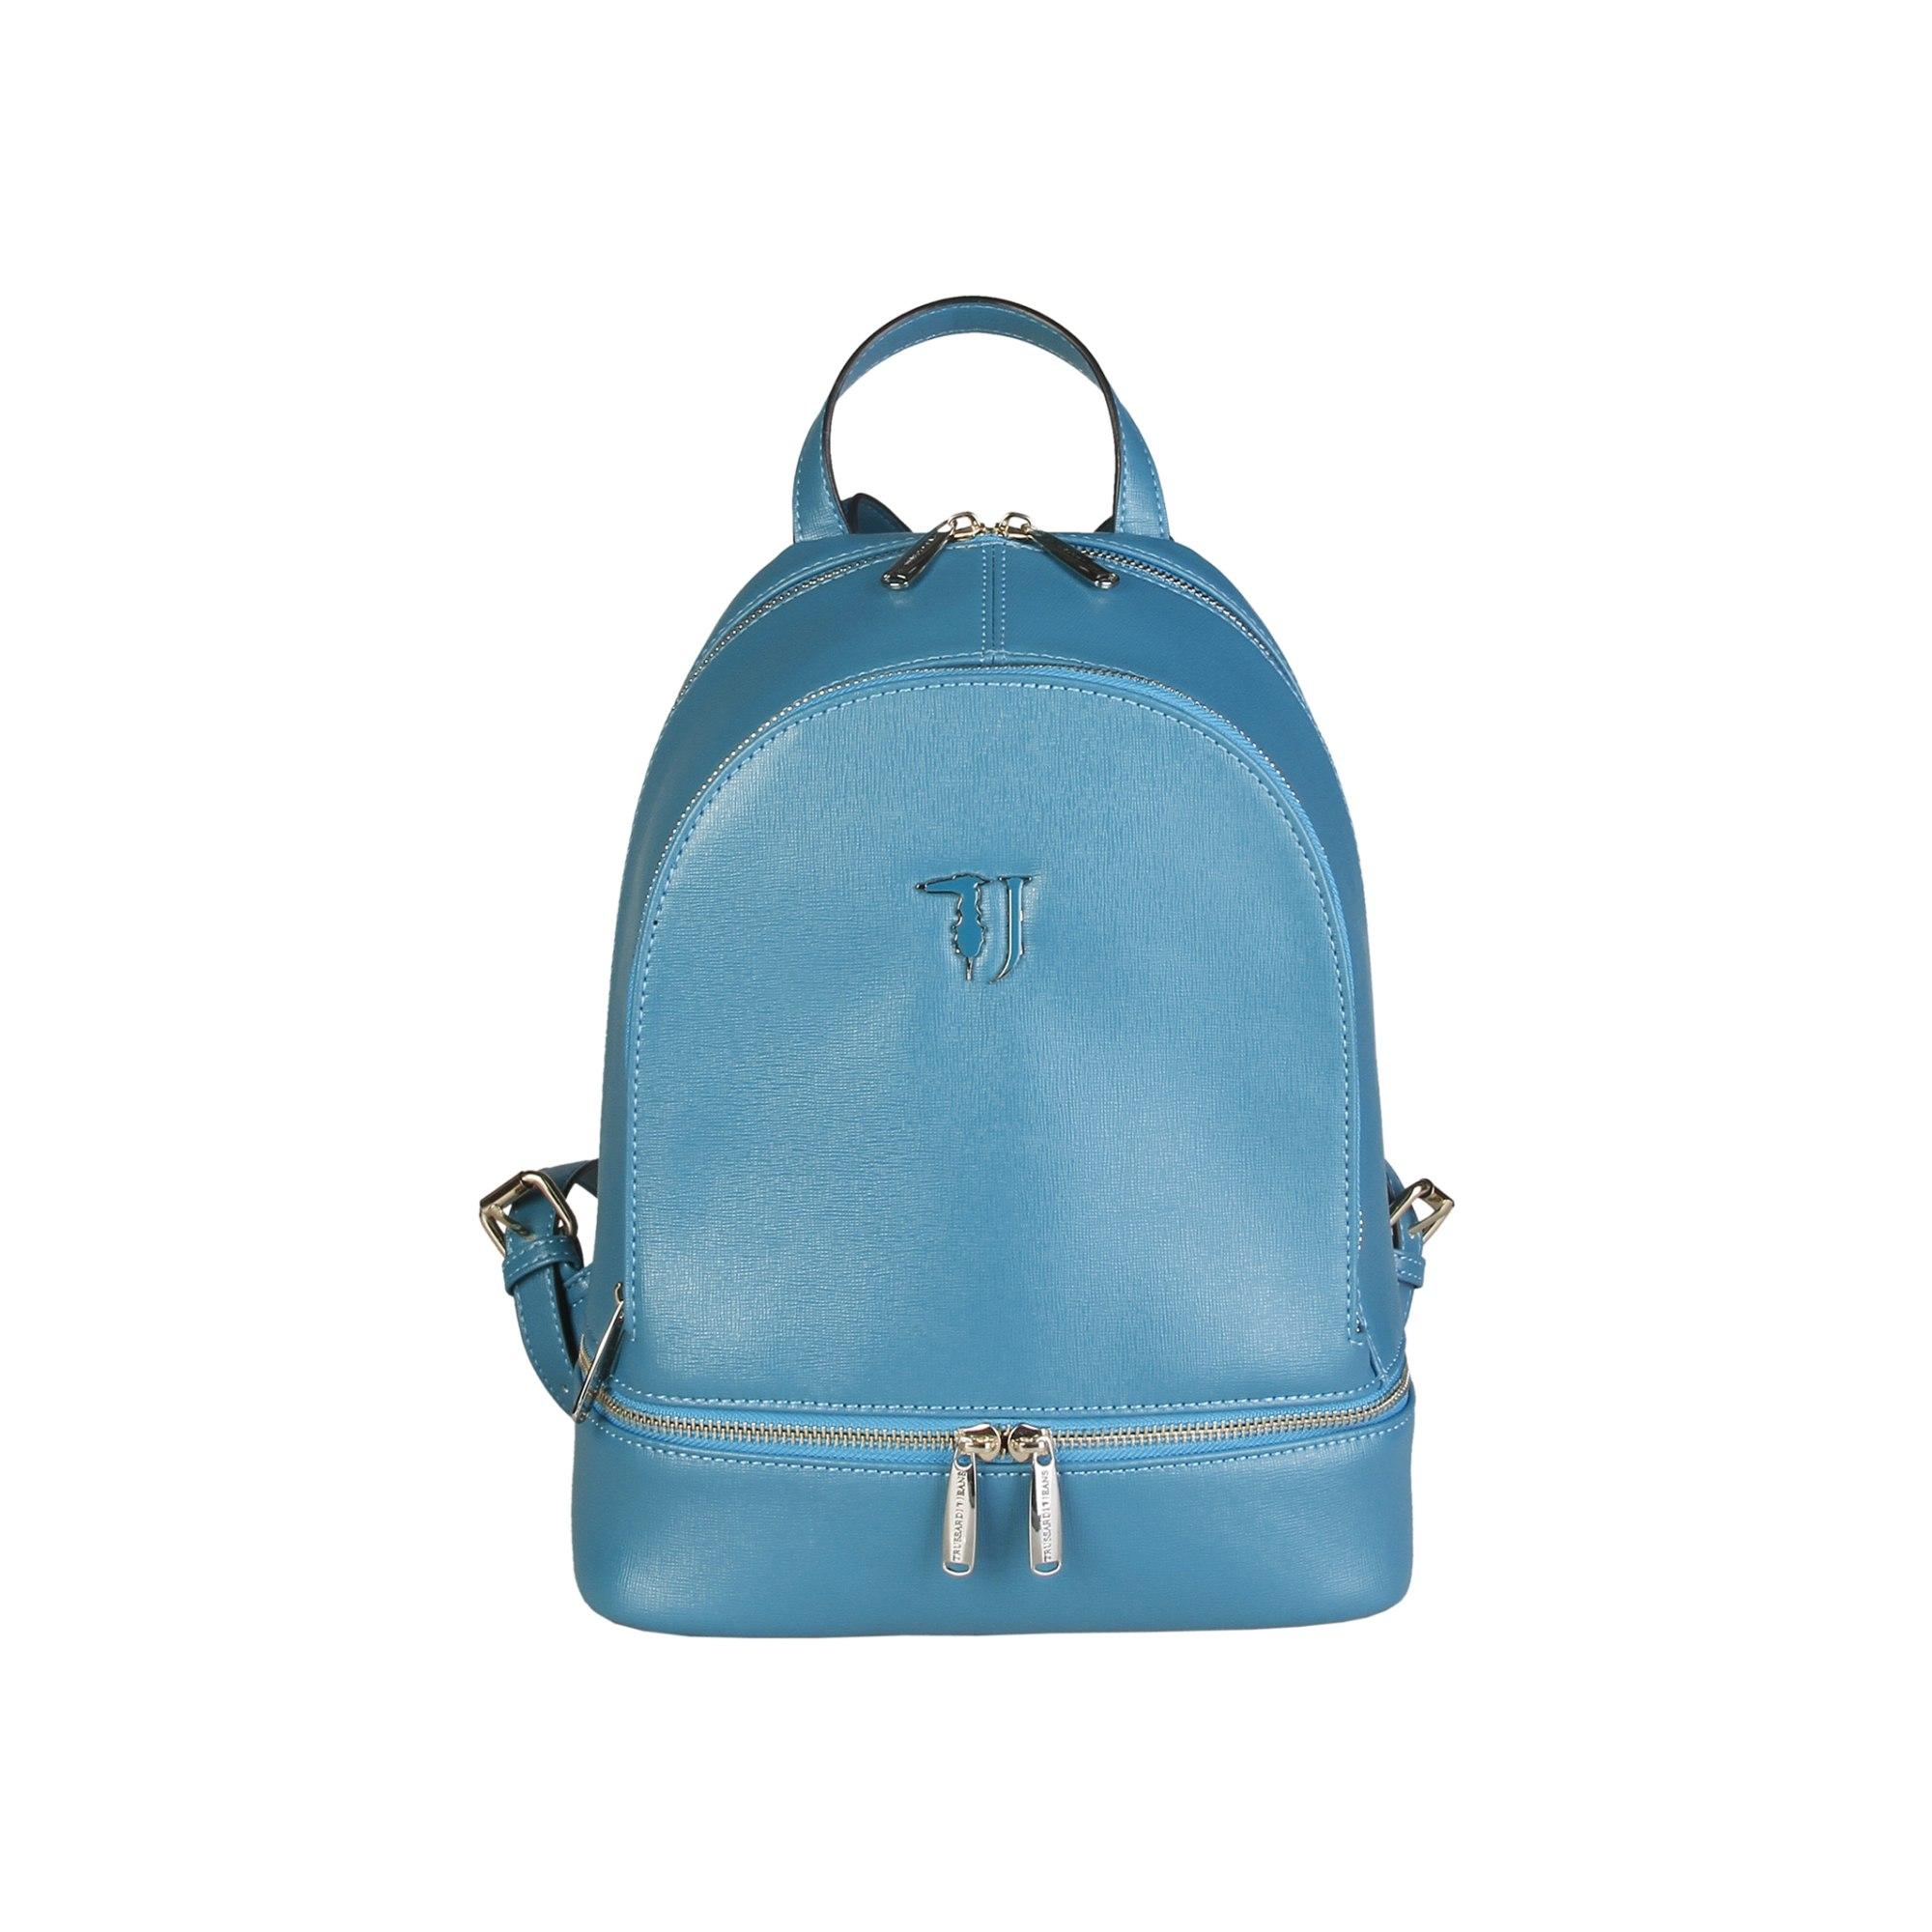 Sac à dos TRUSSARDI JEANS Bleu, bleu marine, bleu turquoise